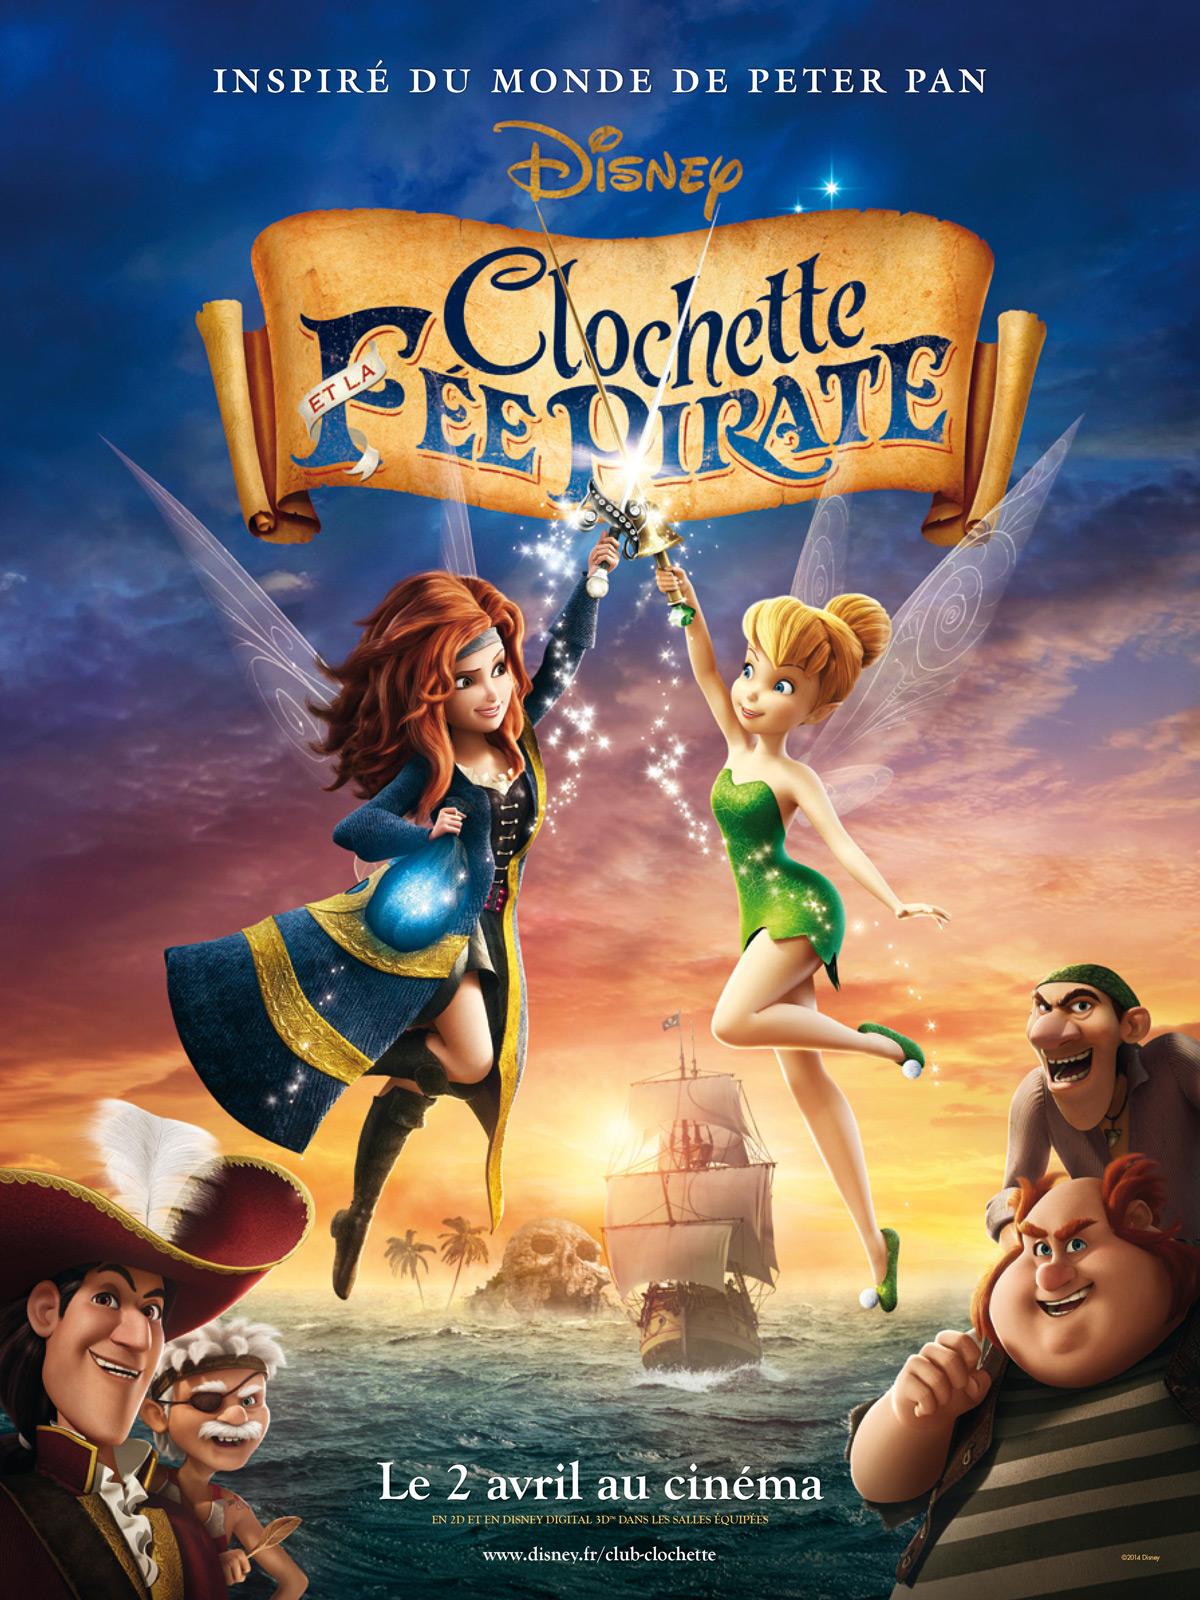 Clochette et la fée pirate dvdrip